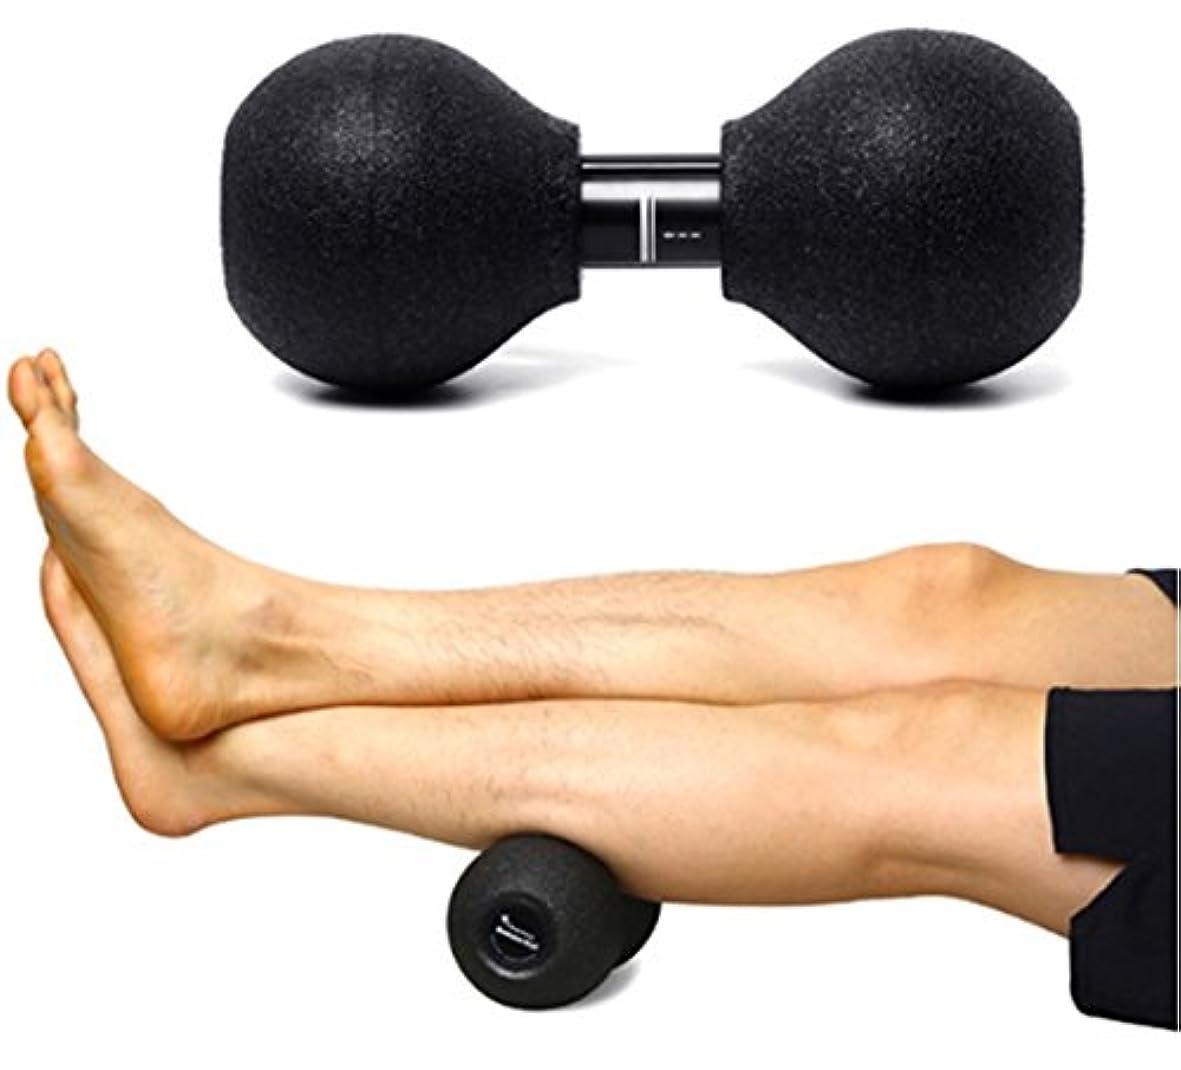 偏差苦いメンテナンス[トゥラテク] Tratec リリースロール 3段階 長さ調節可能 携帯用 マッサージローラー ハドゥポムローラー ピーナッツボール 筋膜弛緩 ヘルス ストレッチング 海外直送品 (Release Roll Three-stage Adjustable Portable Massage roller)